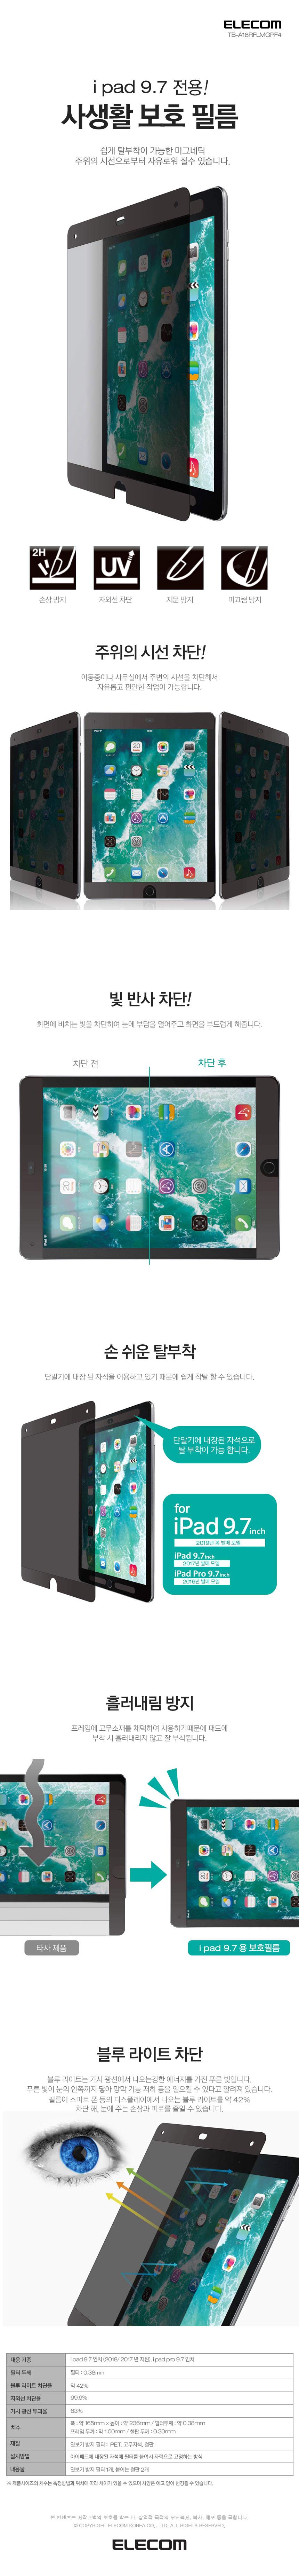 아이패드 3세대 9.7인치 사생활 보안필름 자석타입 - 엘레컴코리아, 99,000원, 태블릿PC, 25.4cm 이상